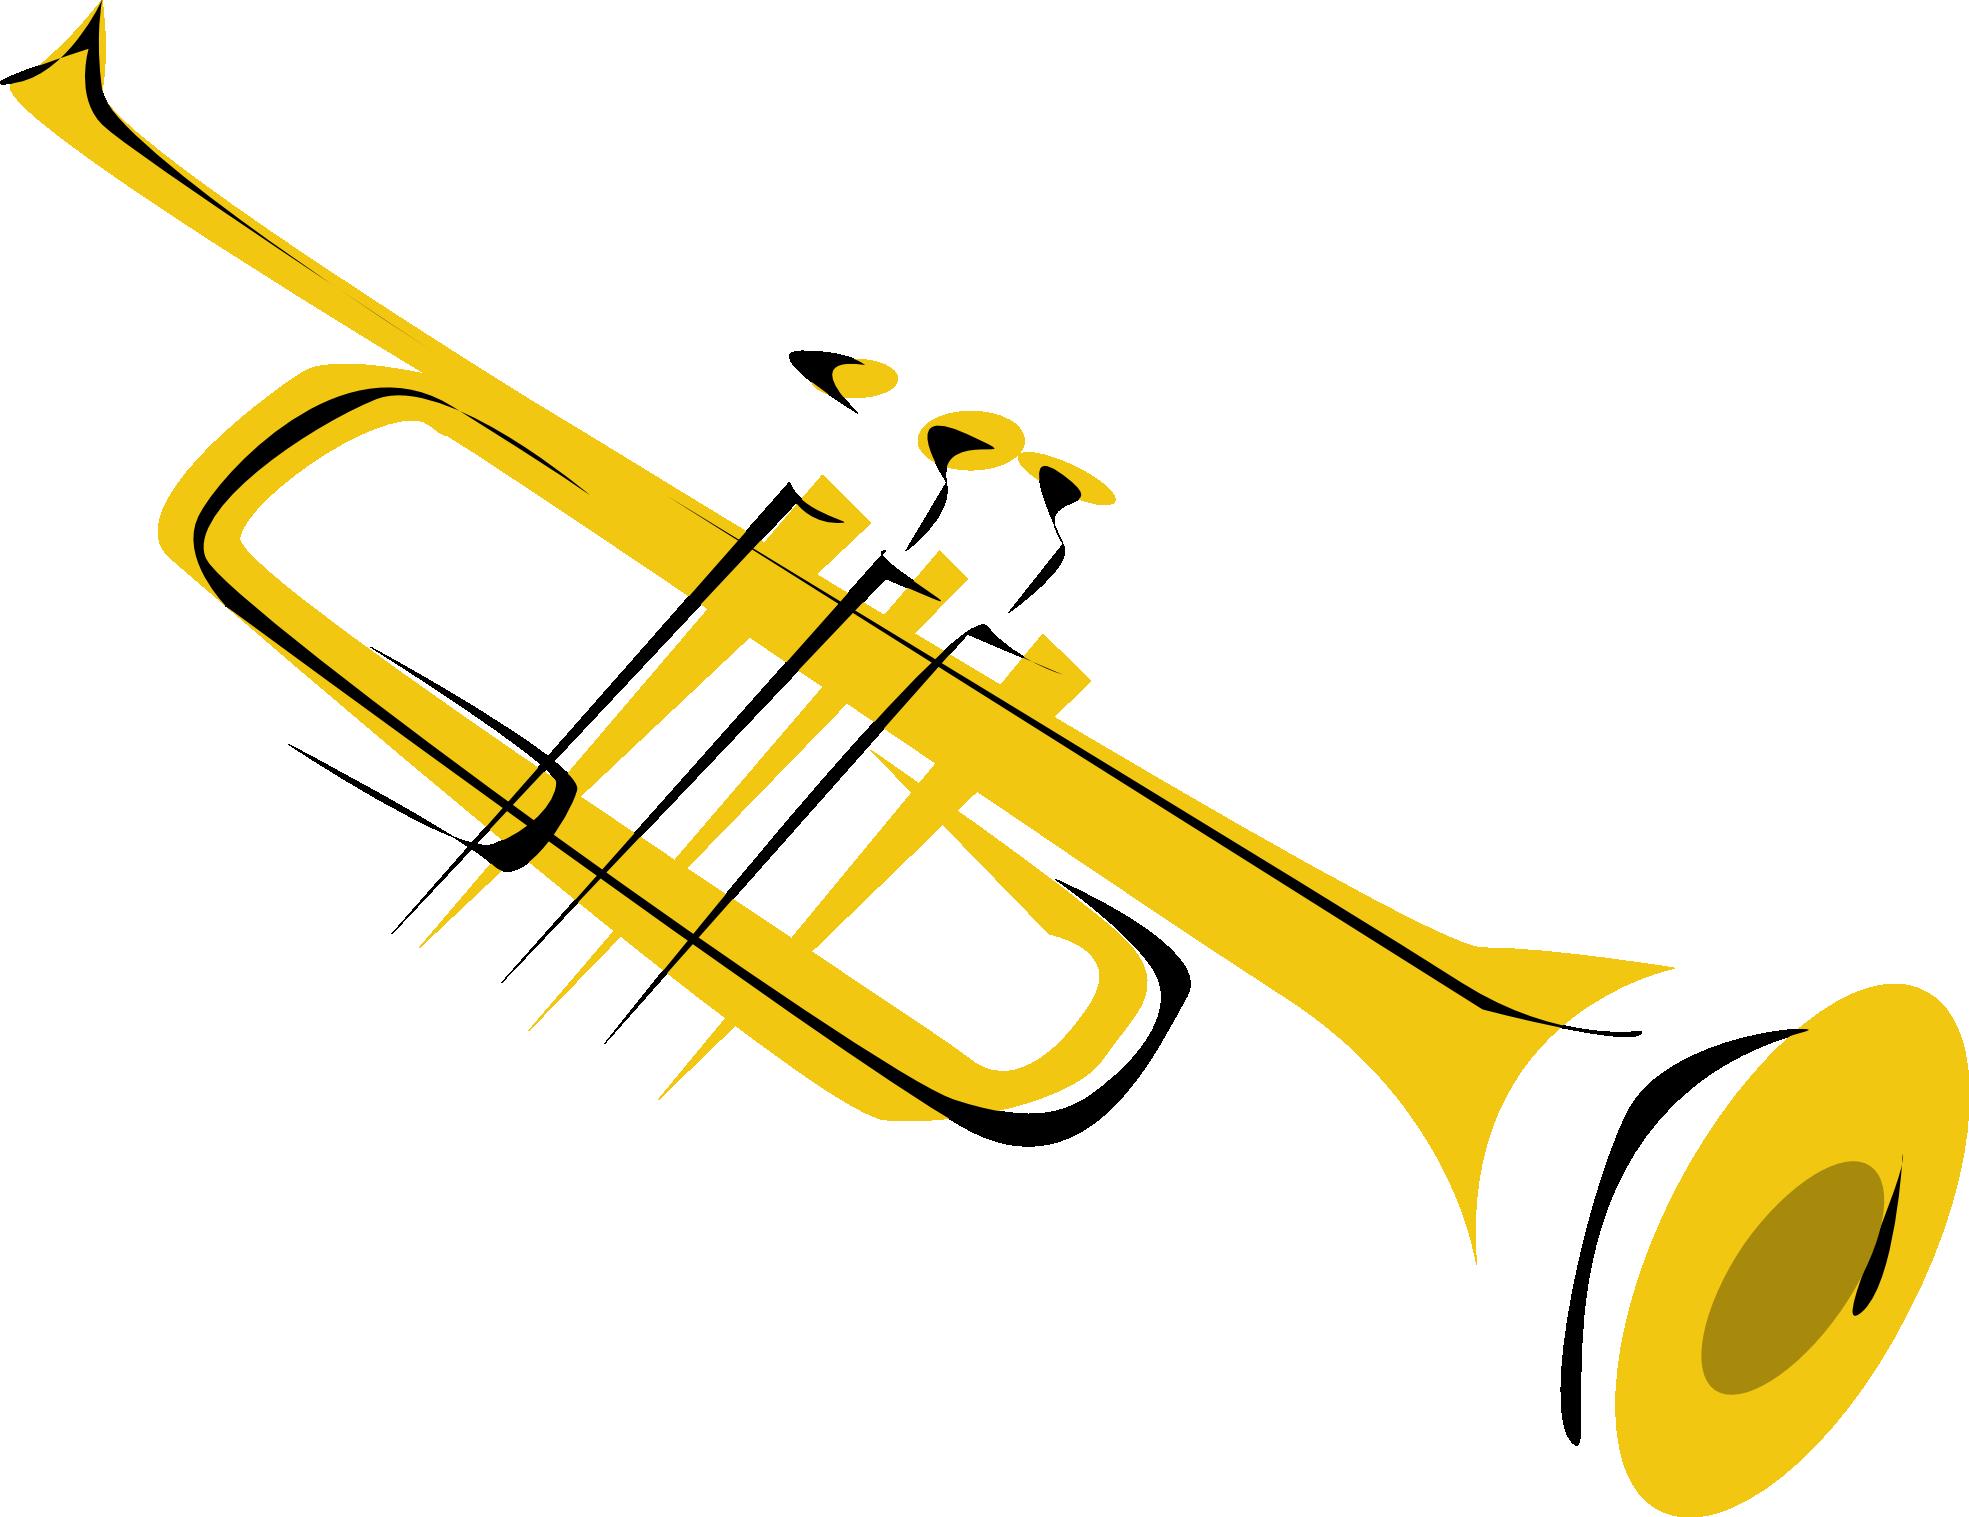 trumpet SVG - ClipArt Best - ClipArt Best